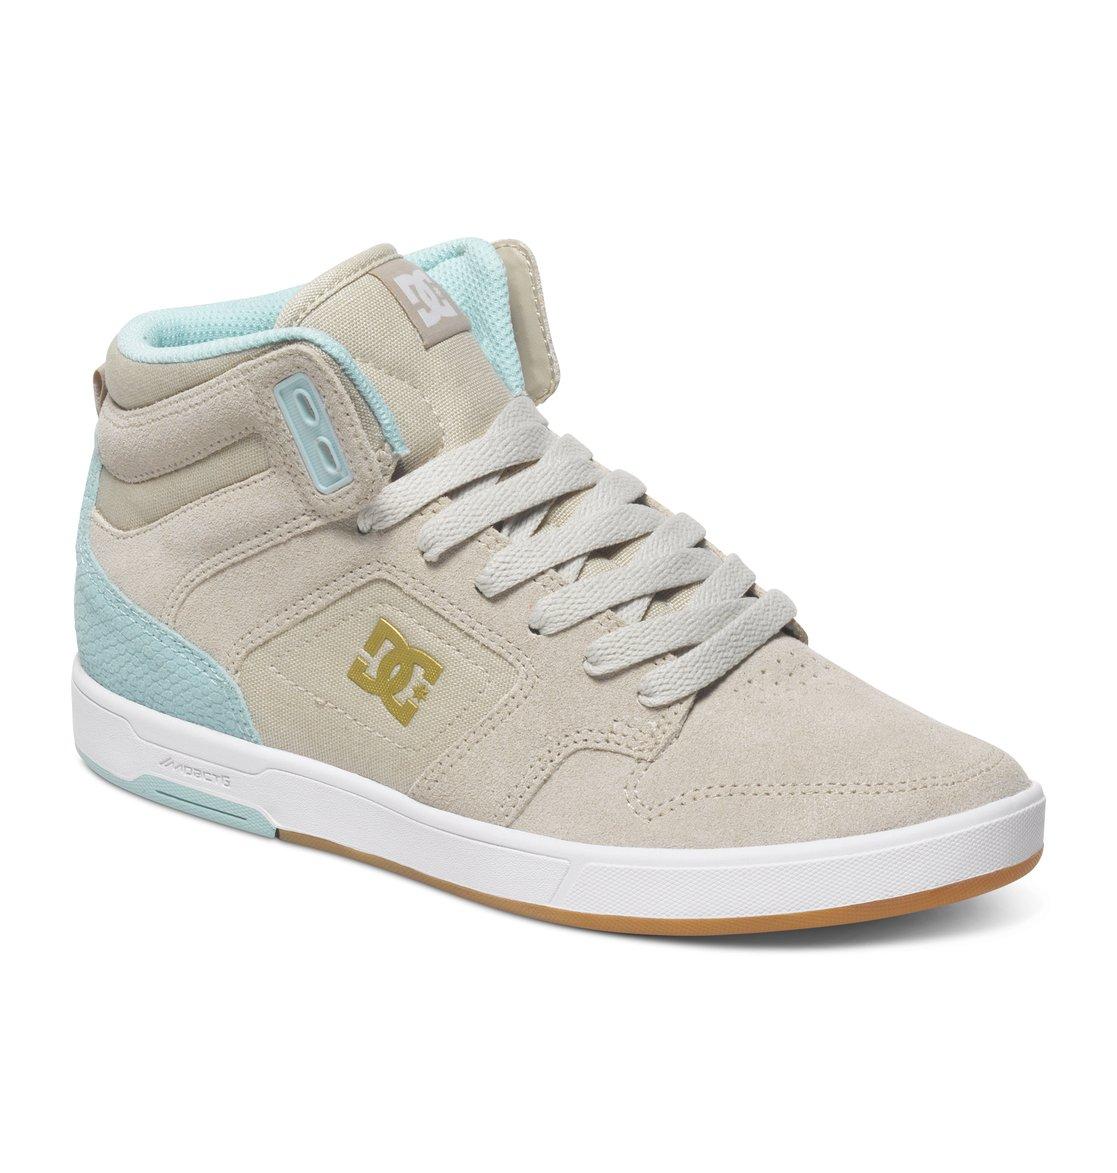 Haut Dc Shoes Femme